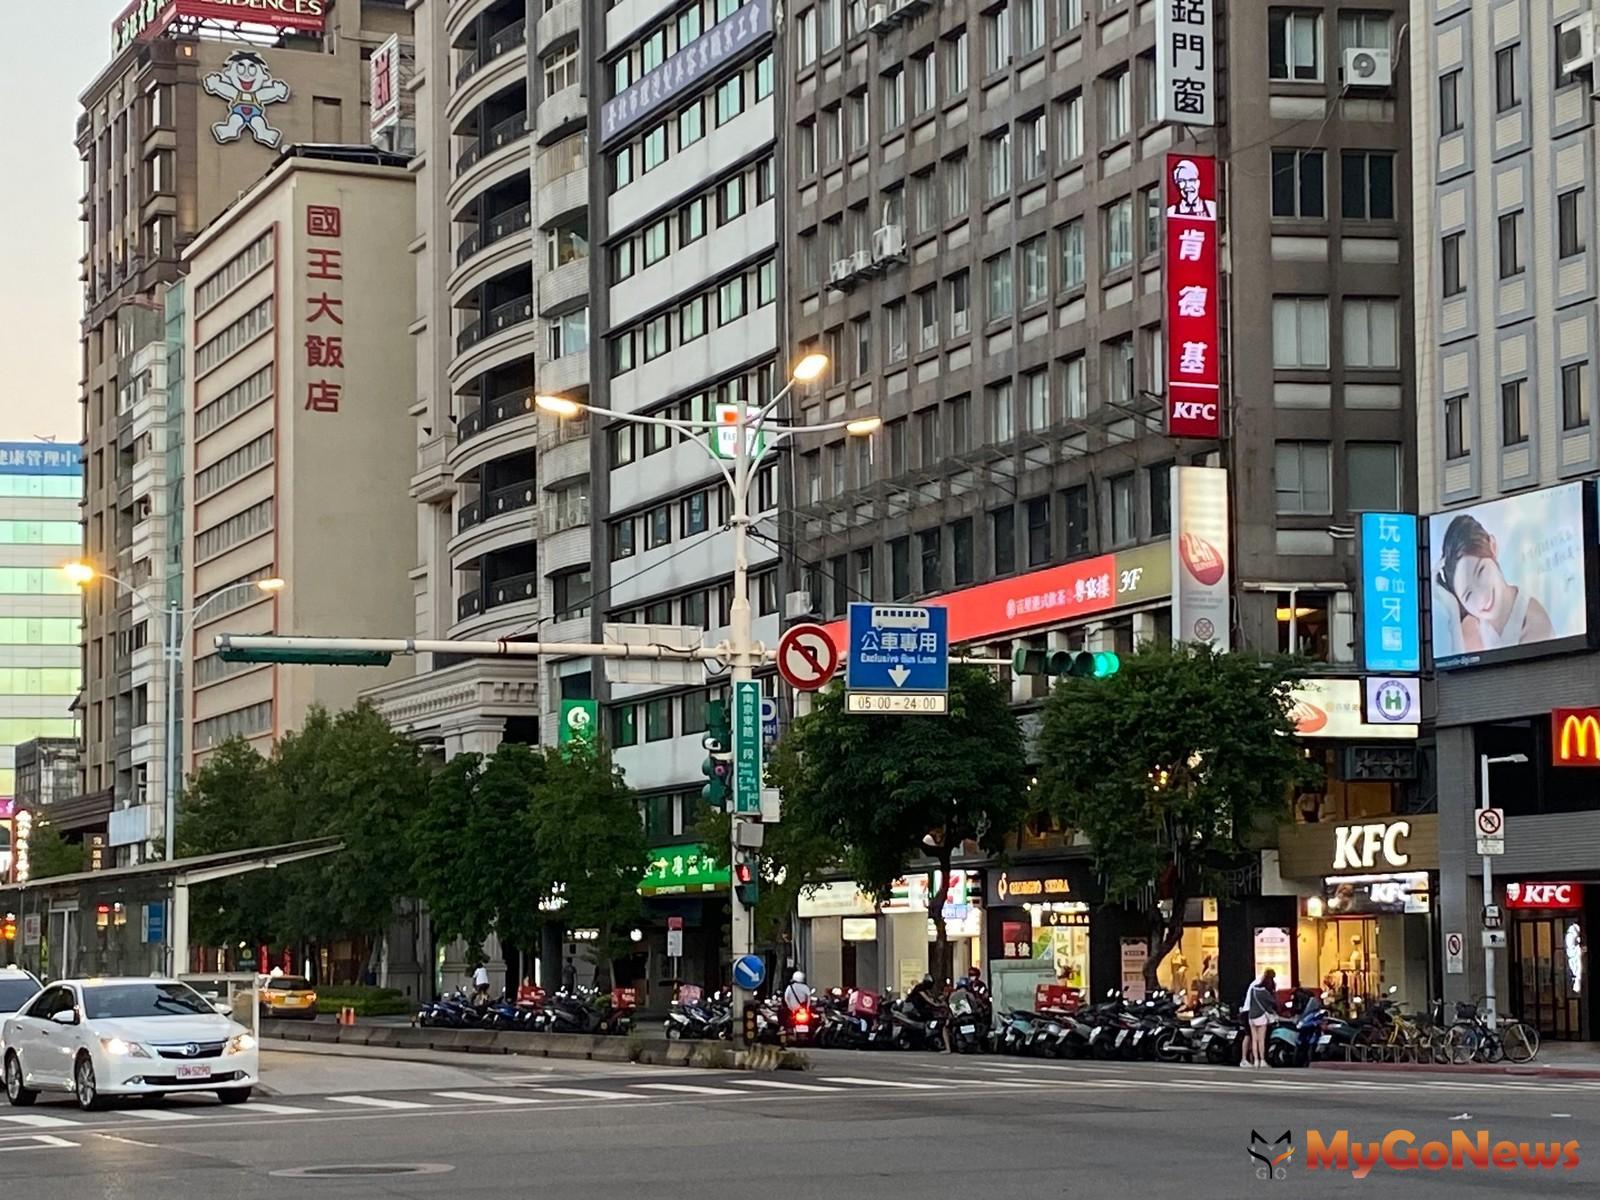 南京東、西路醞釀400億案量 大咖插旗攻上200萬 MyGoNews房地產新聞 市場快訊